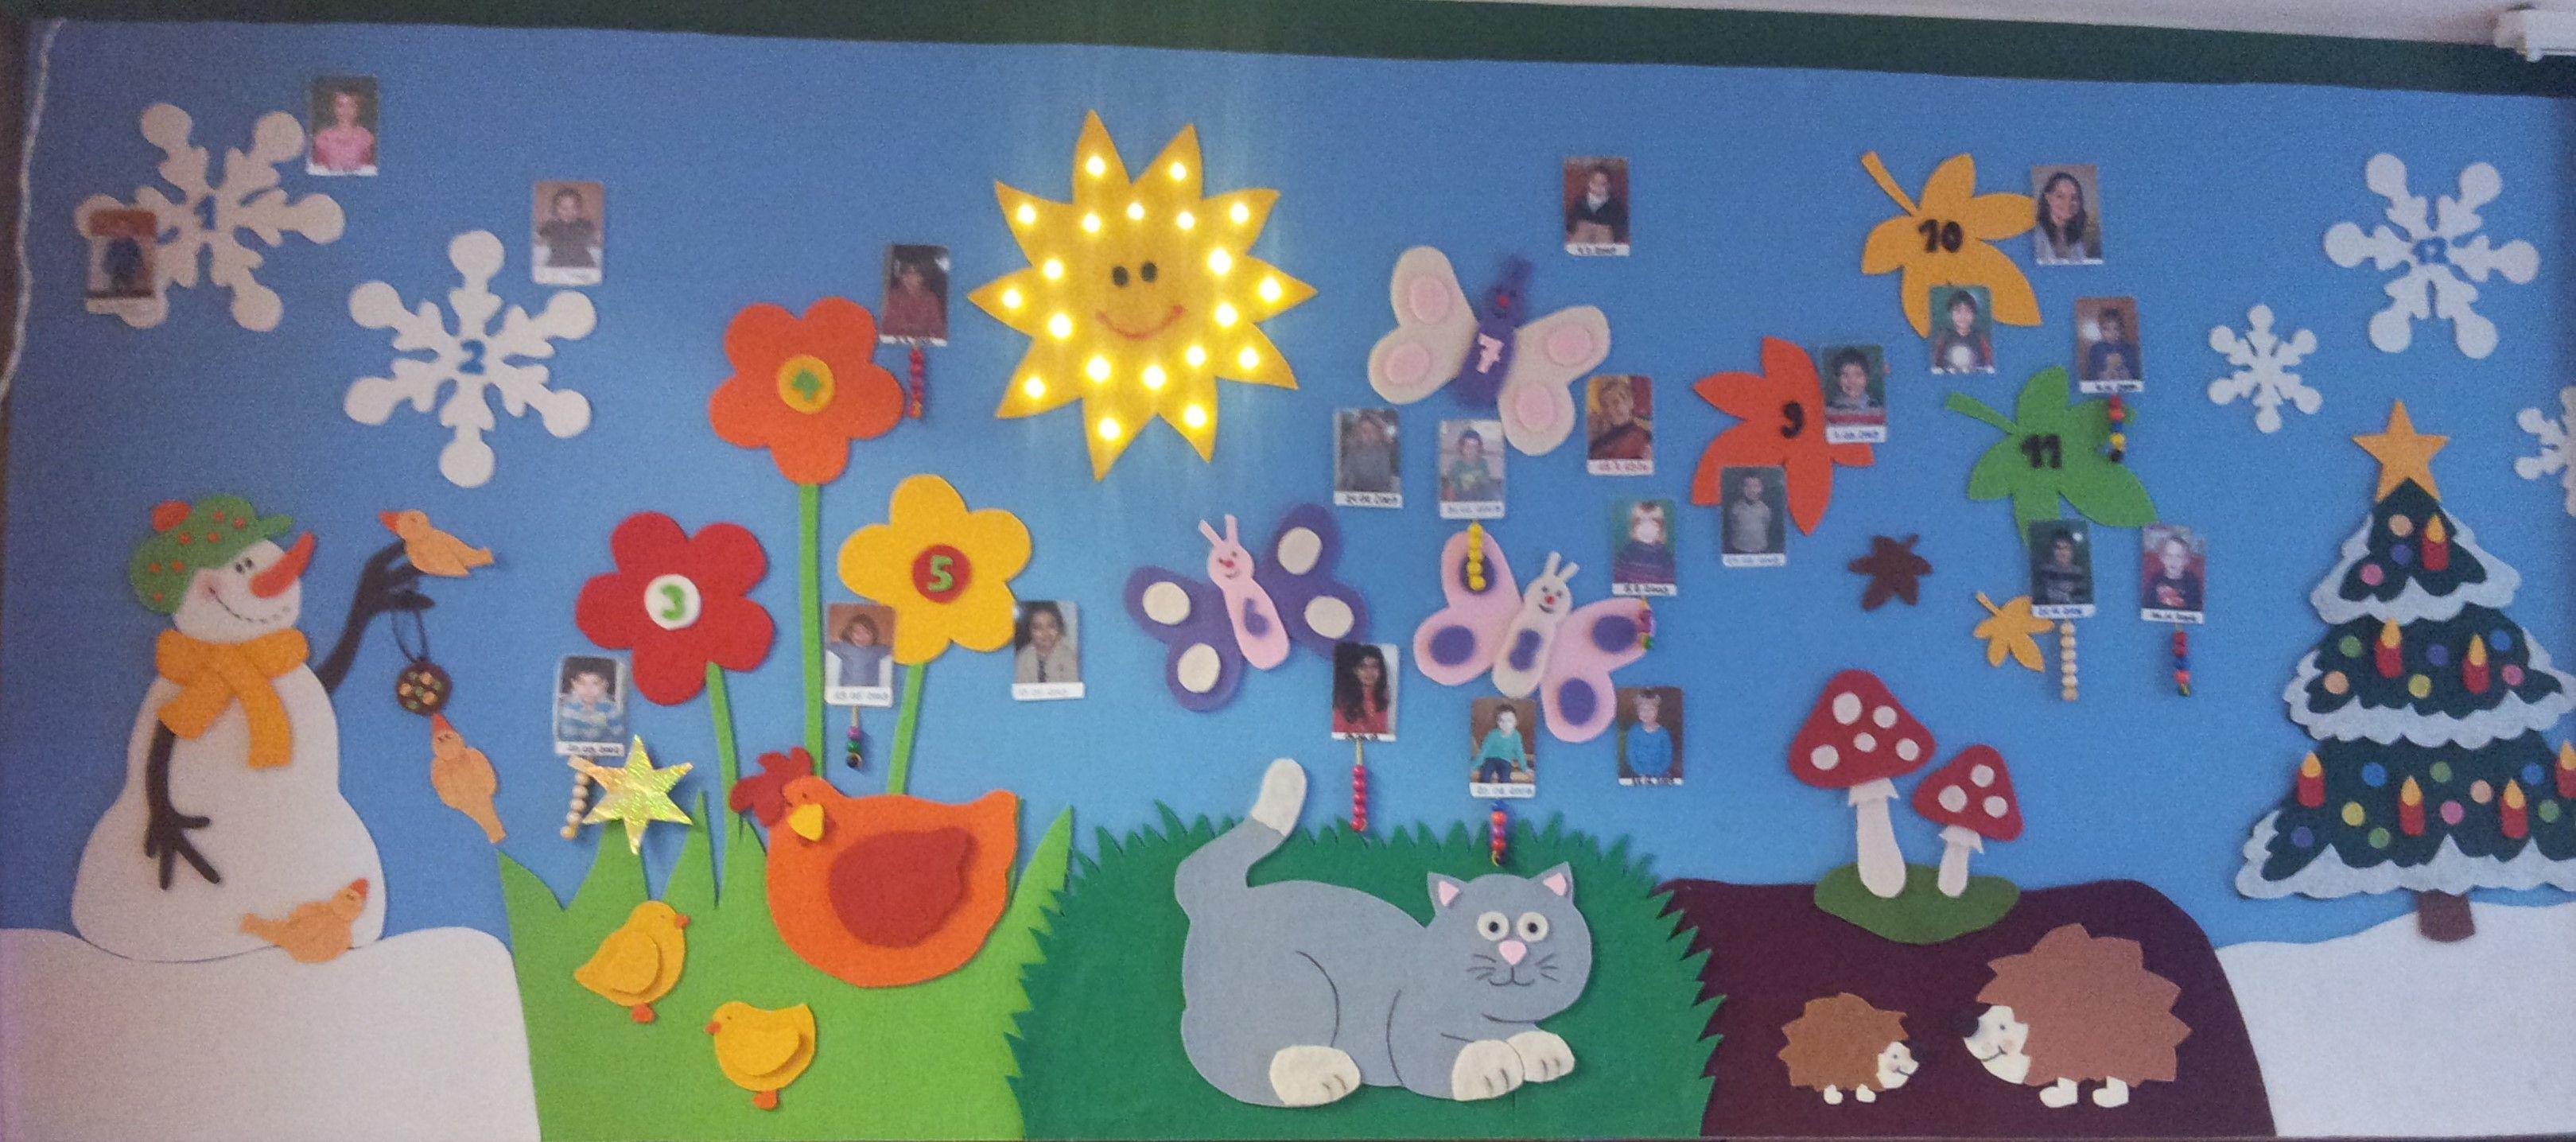 geburtstagskalender bild 1 kindergarten aus filz kalender pinterest geburtstagskalender. Black Bedroom Furniture Sets. Home Design Ideas